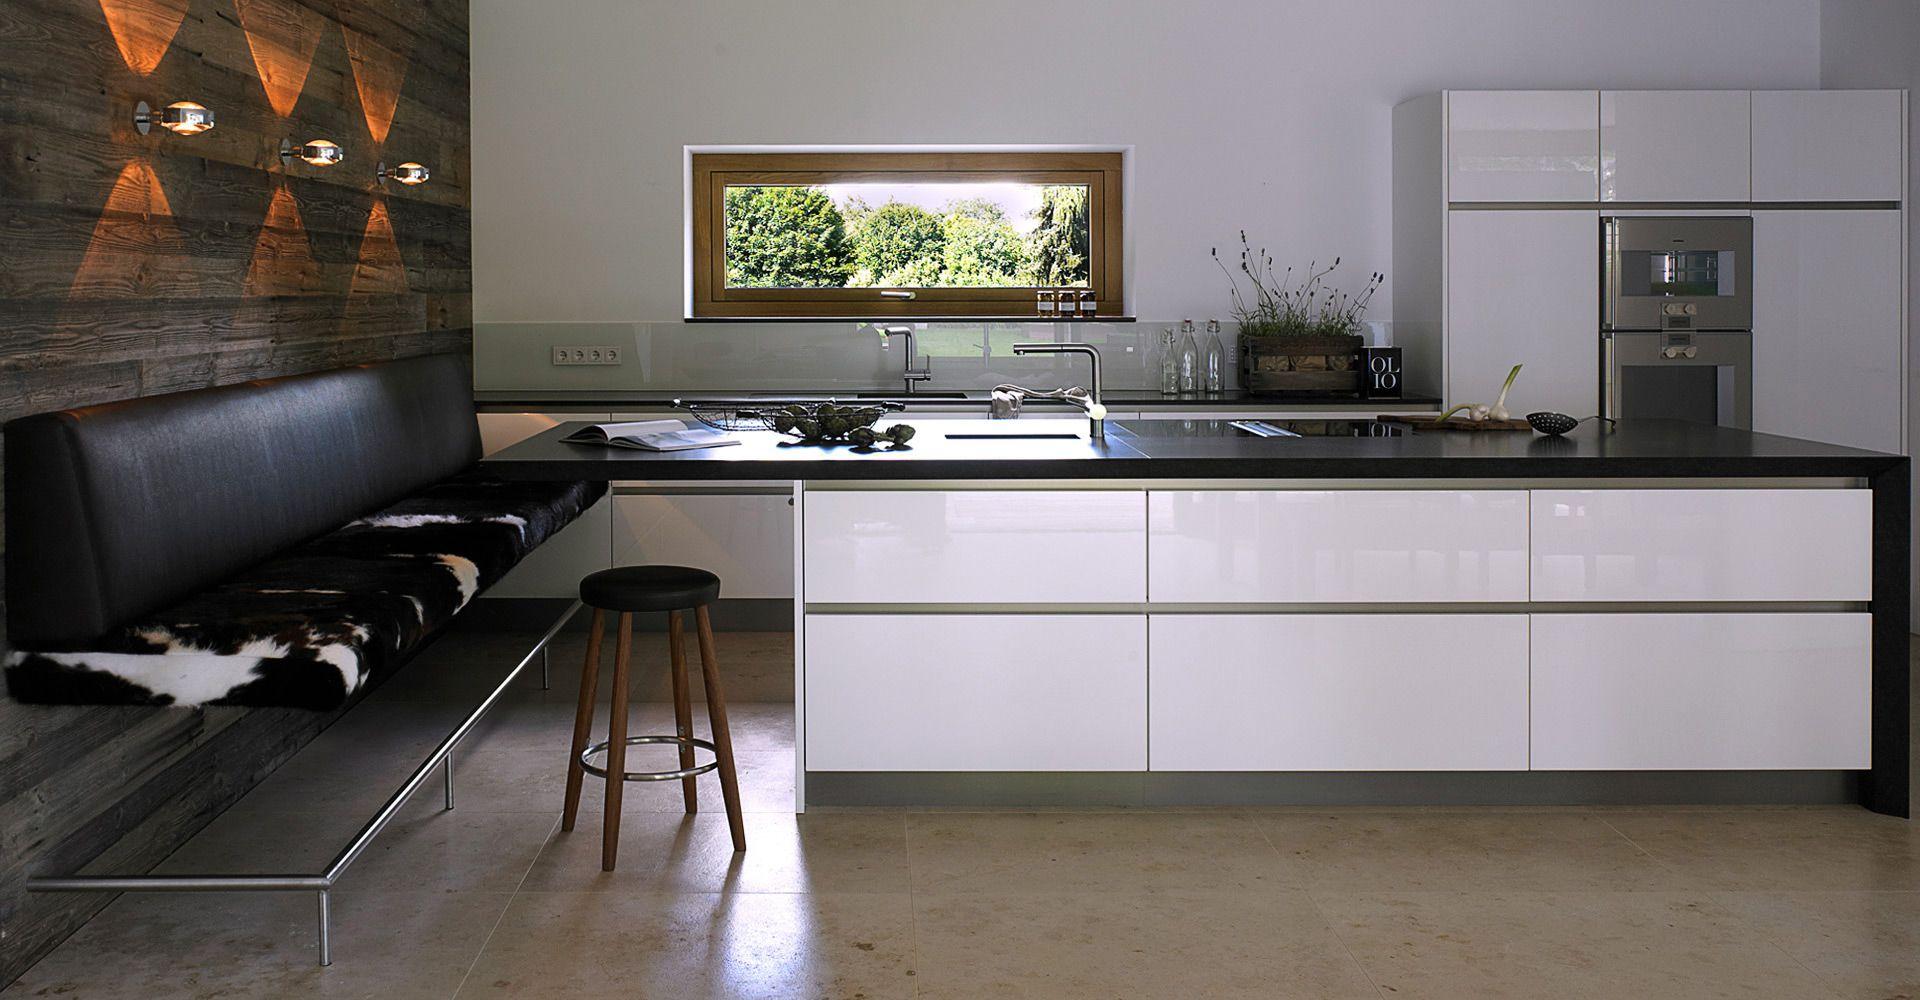 Küche Theke Bank  Hobby Prestige 20 Kwfu: Familien-villa Mit